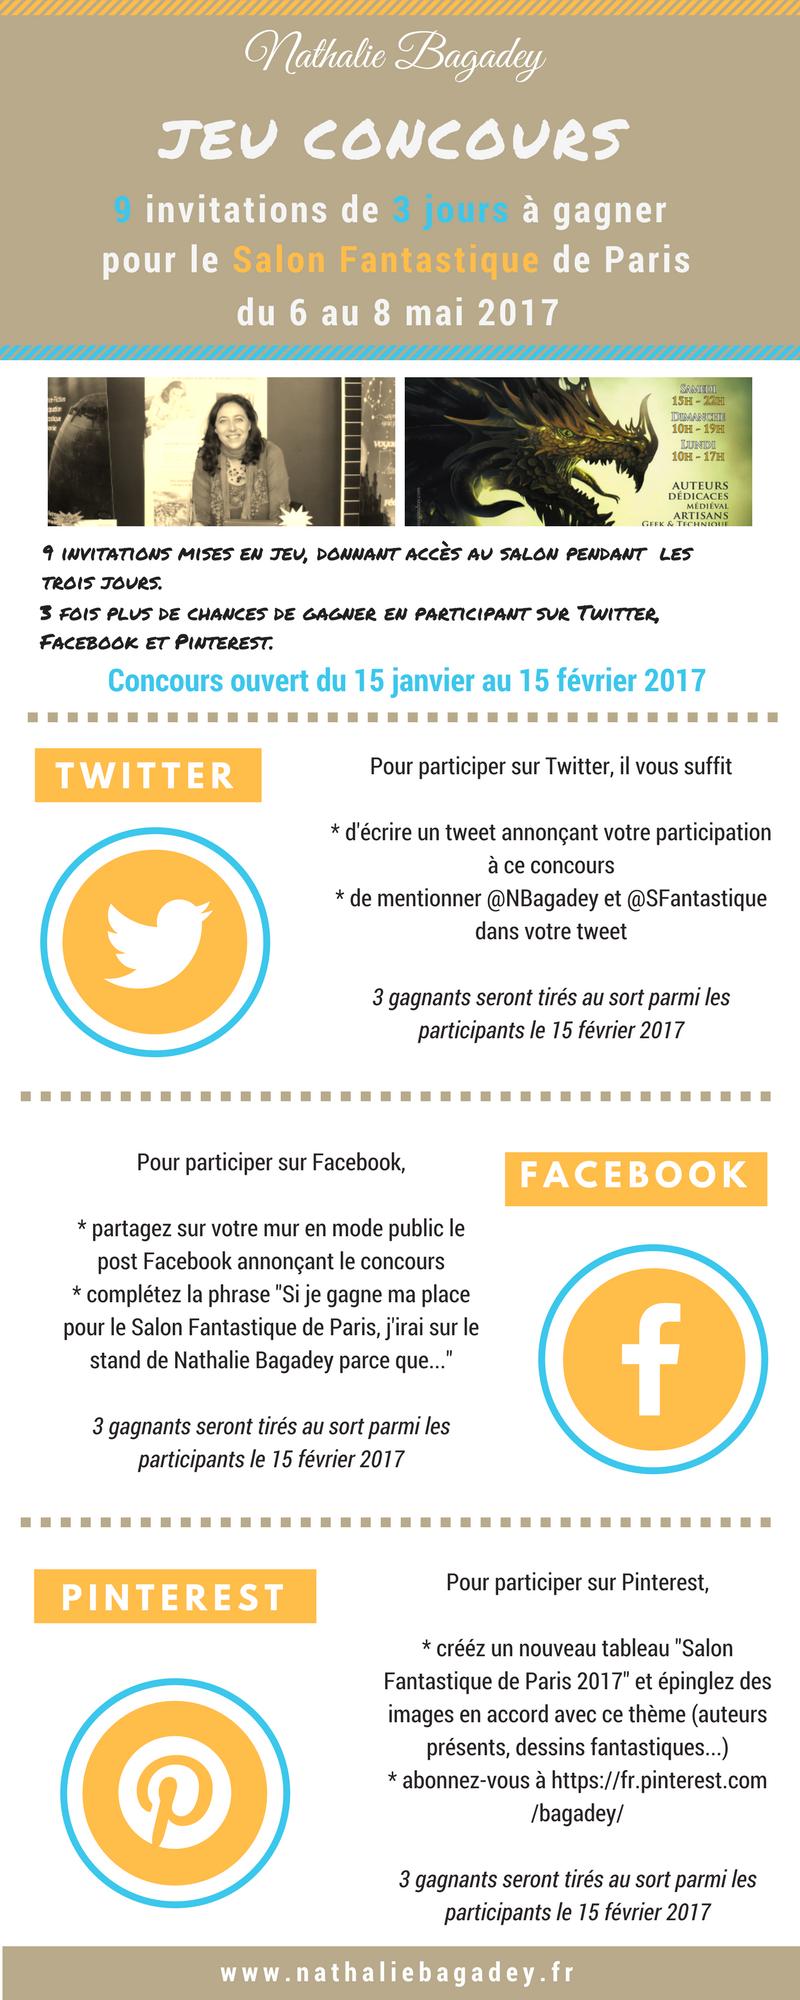 Jeu concours Salon Fantastique 2017 - conditions de participation